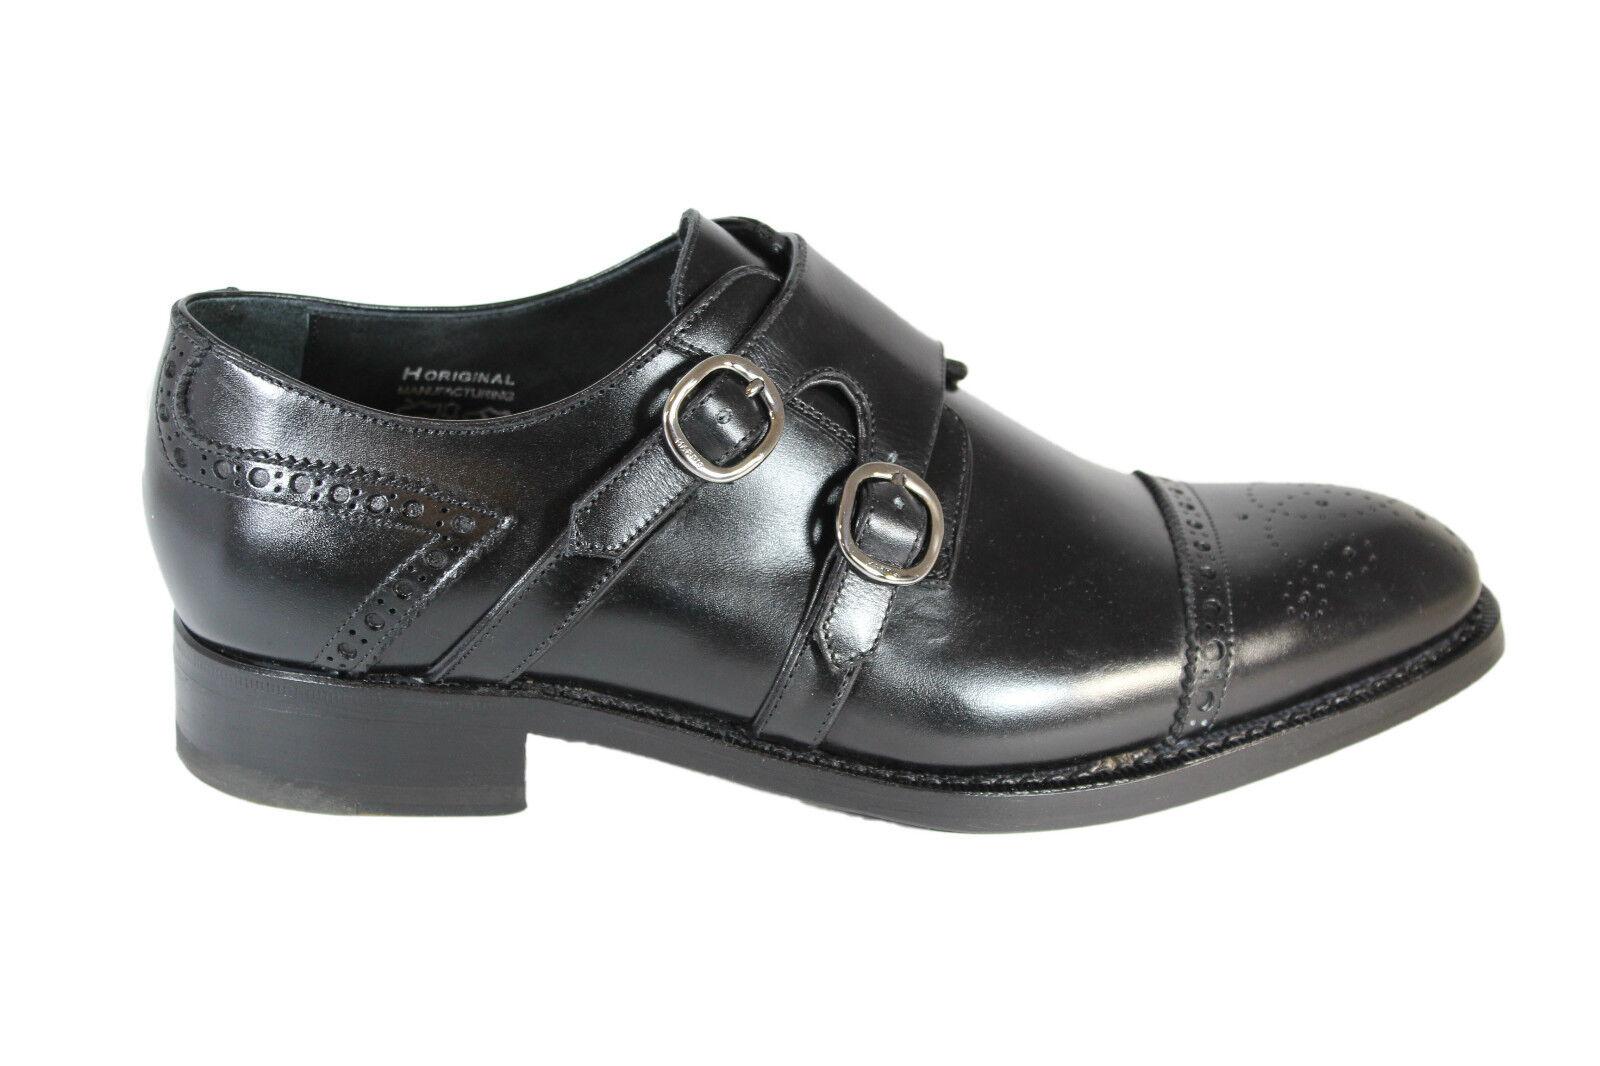 HARRIS leather con monk strap Scarpe eleganti con leather fibbie in pelle artigianali 140fa2